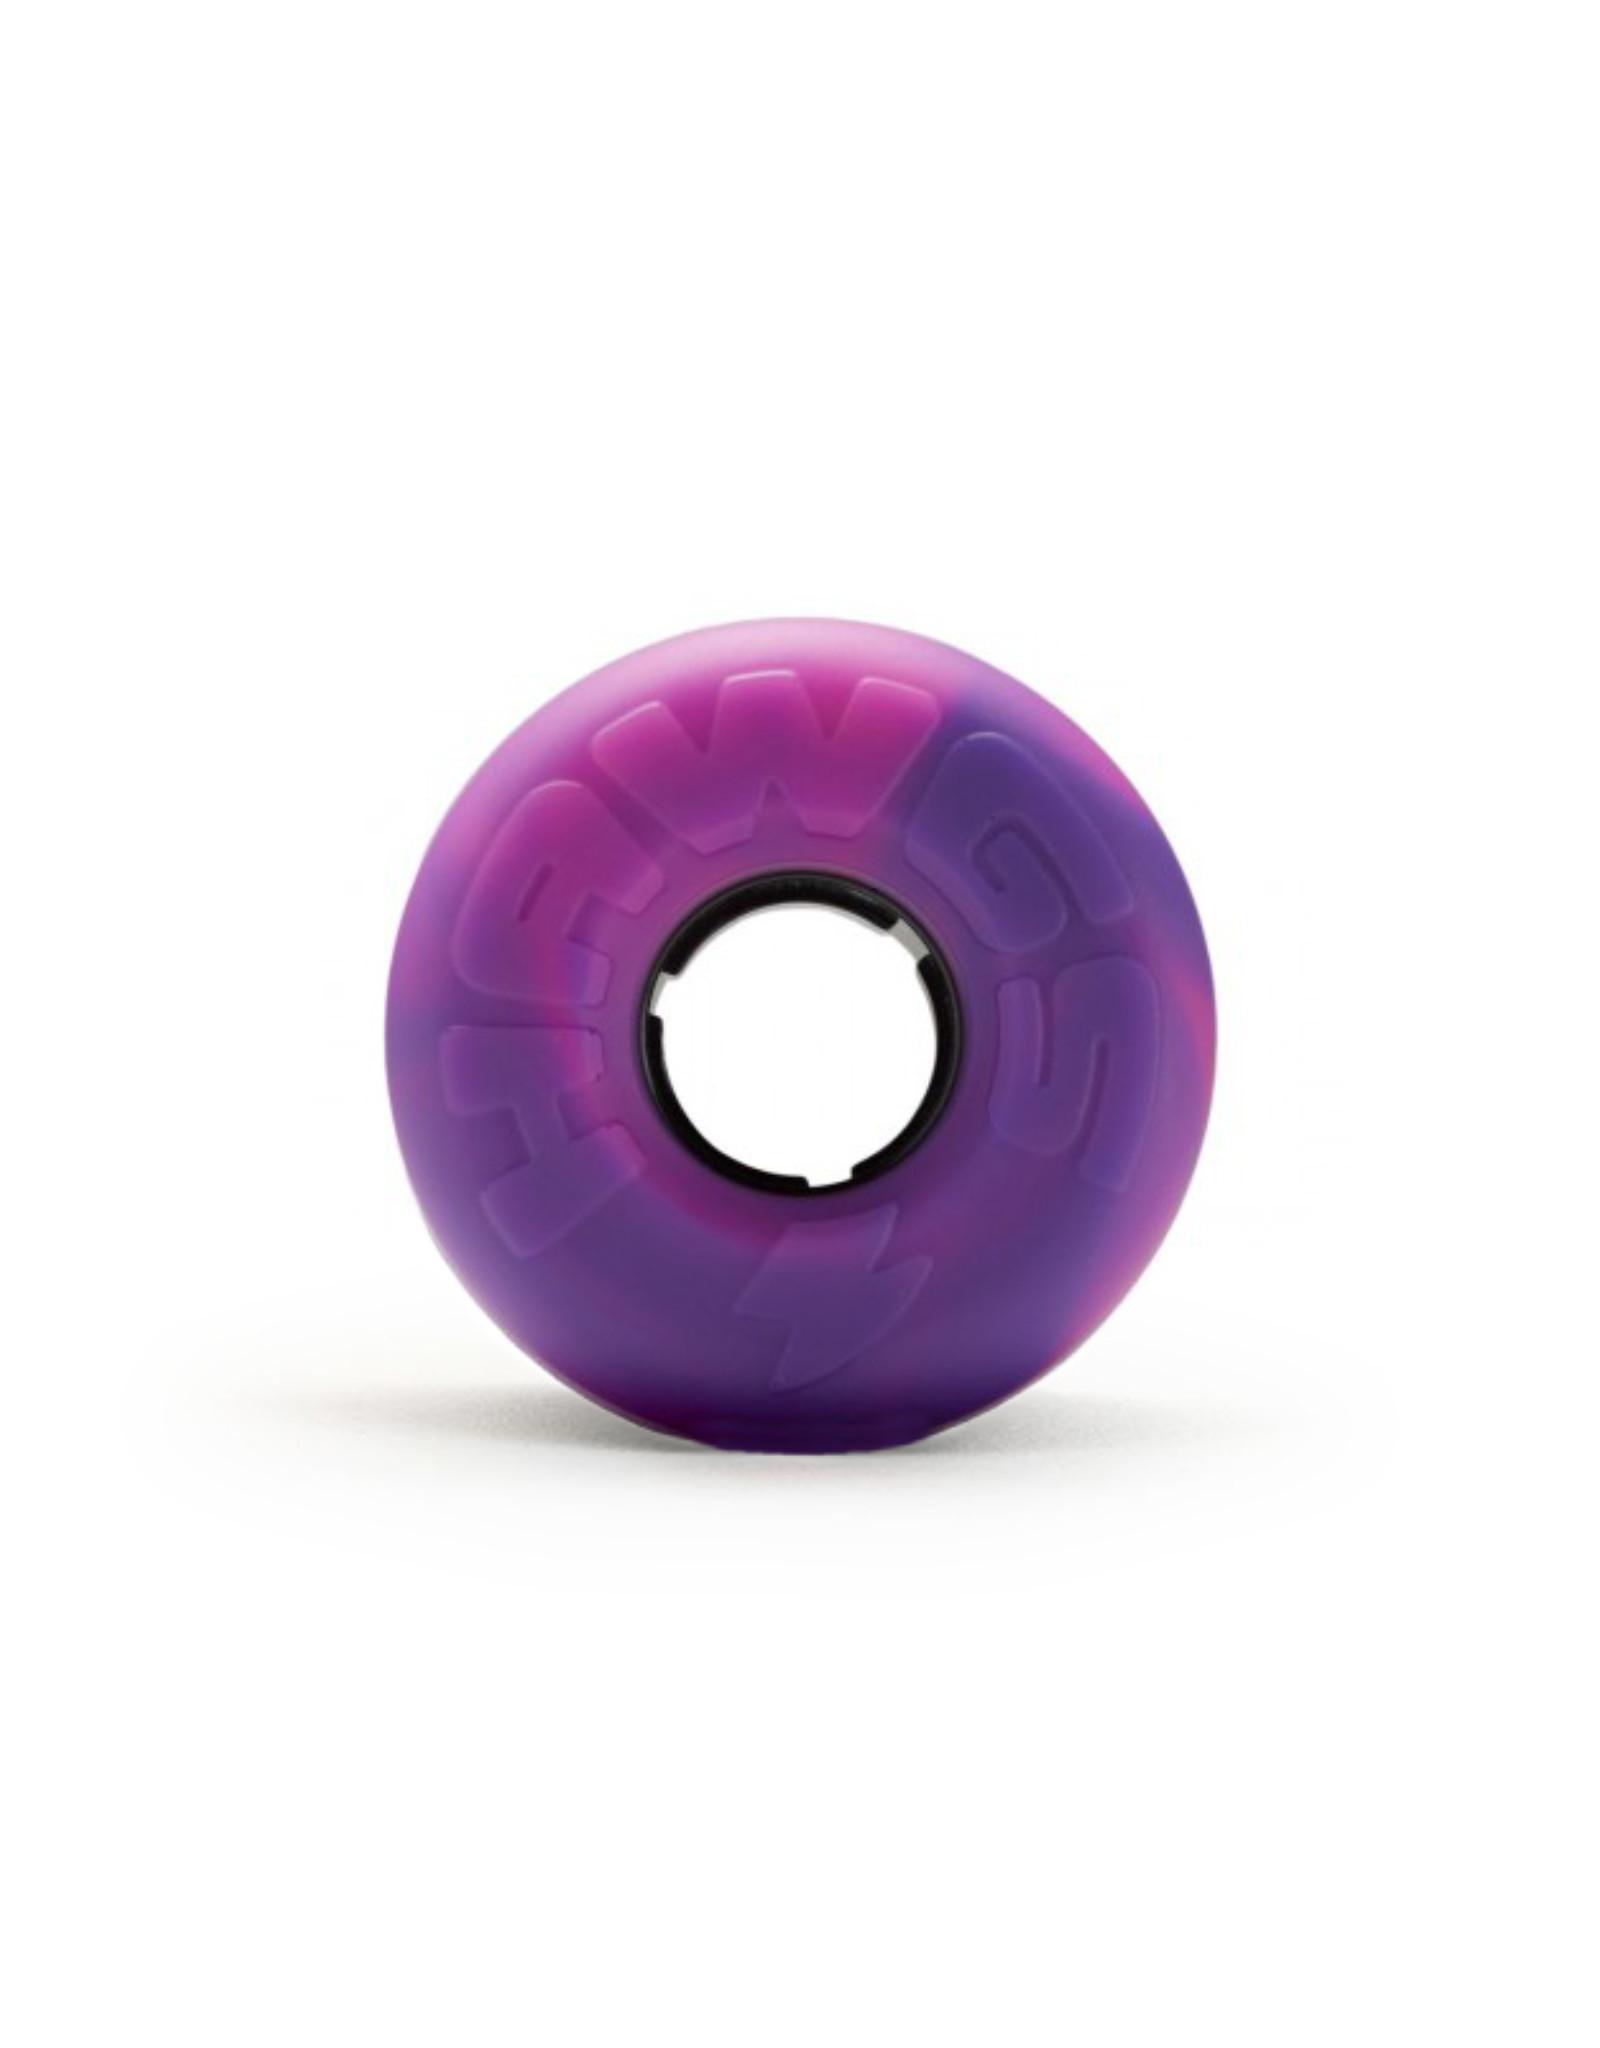 Hawgs Wheels Hawgs Lil' EZ Wheels 60 mm 78A Pink/Purple Swirl Set of 4